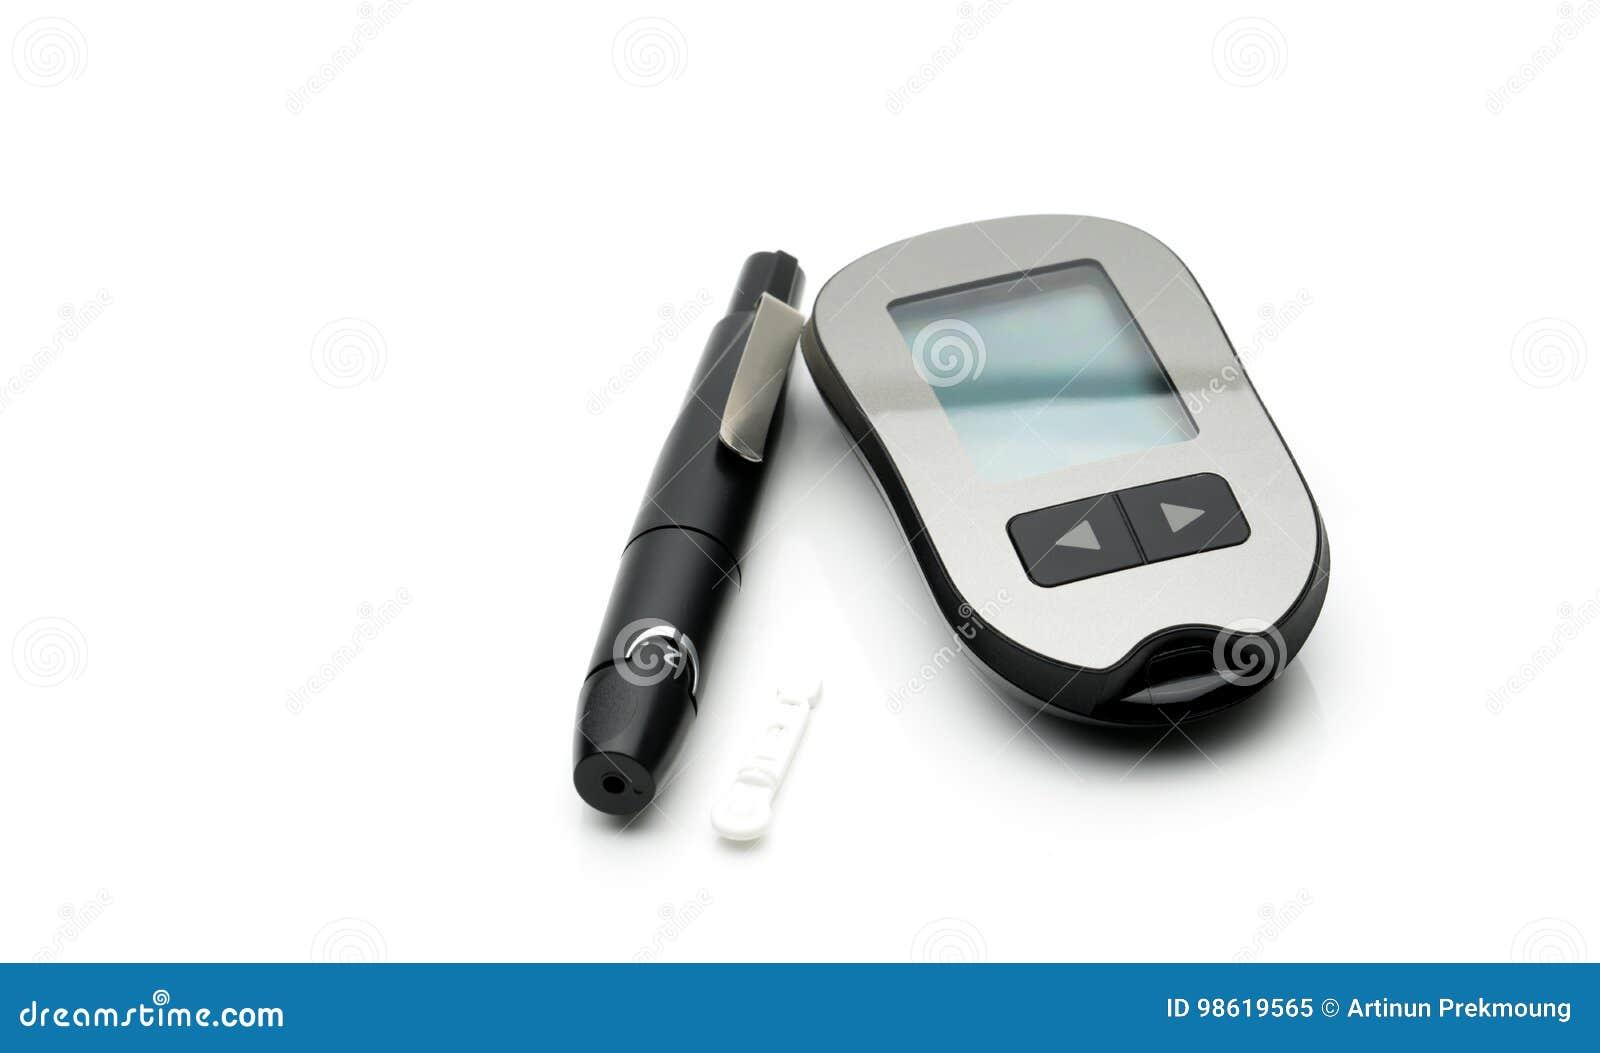 Medische apparatuur om het niveau van bloedglucose te meten met het doorboren van penapparaat op witte achtergrond